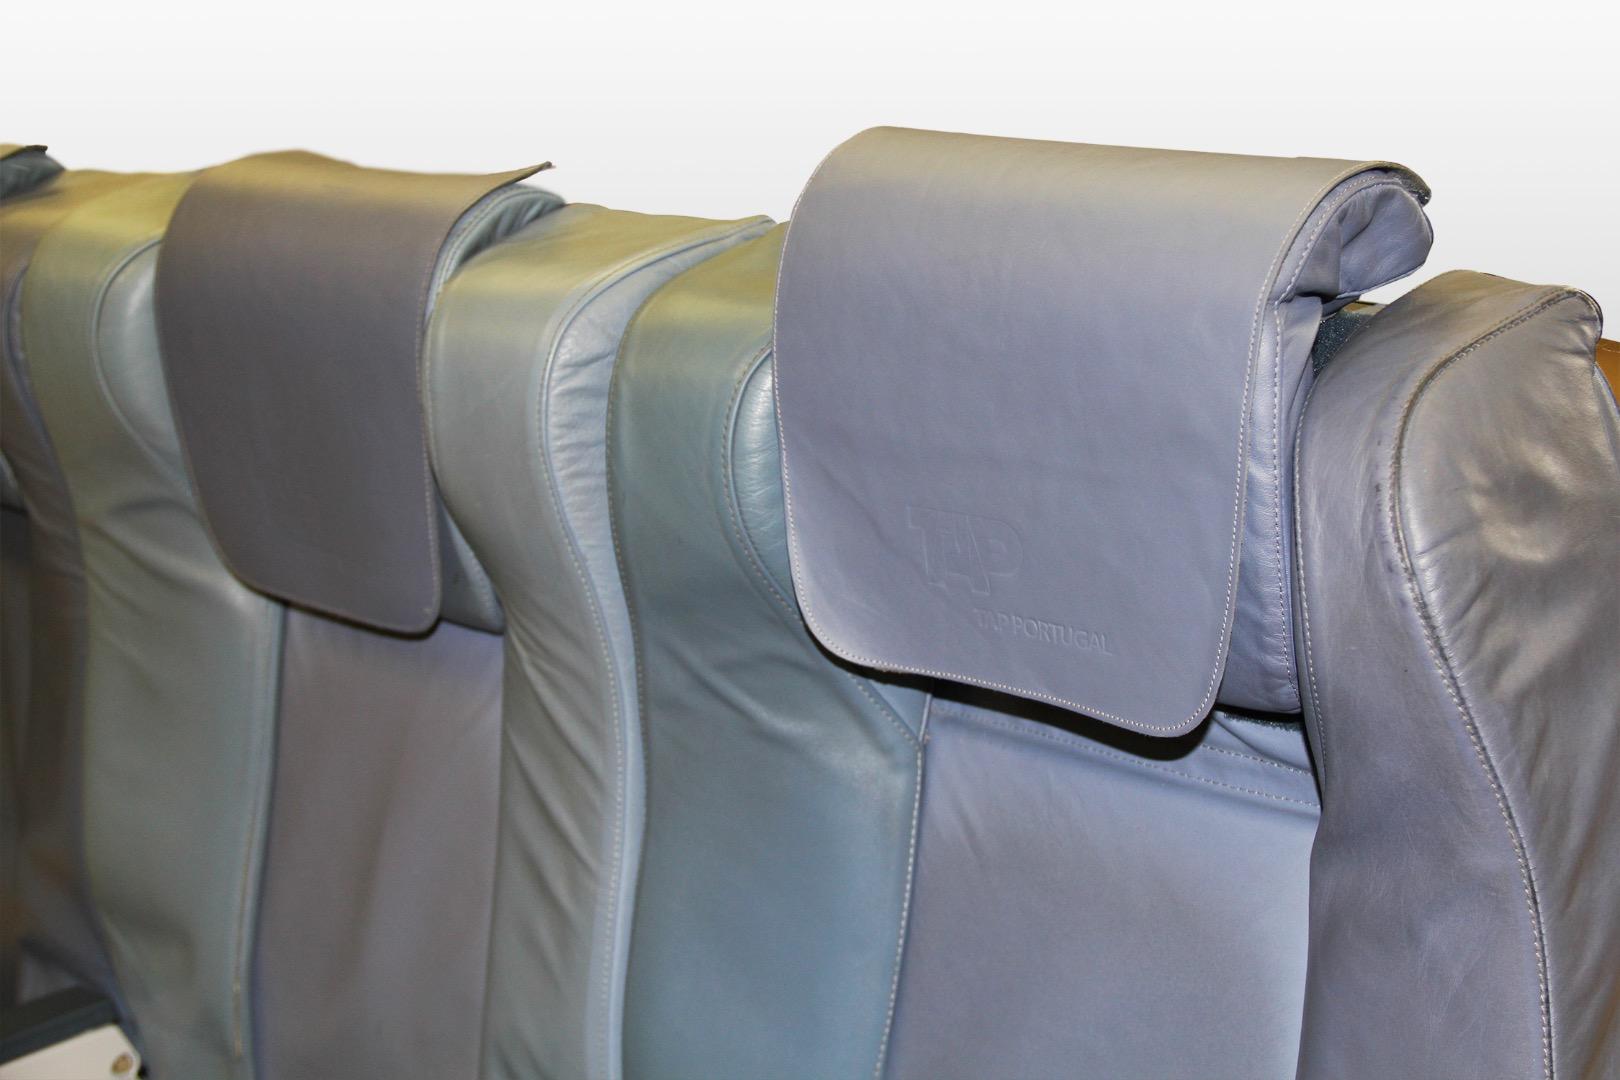 Cadeira tripla de executiva do avião A319 da TAP | 15